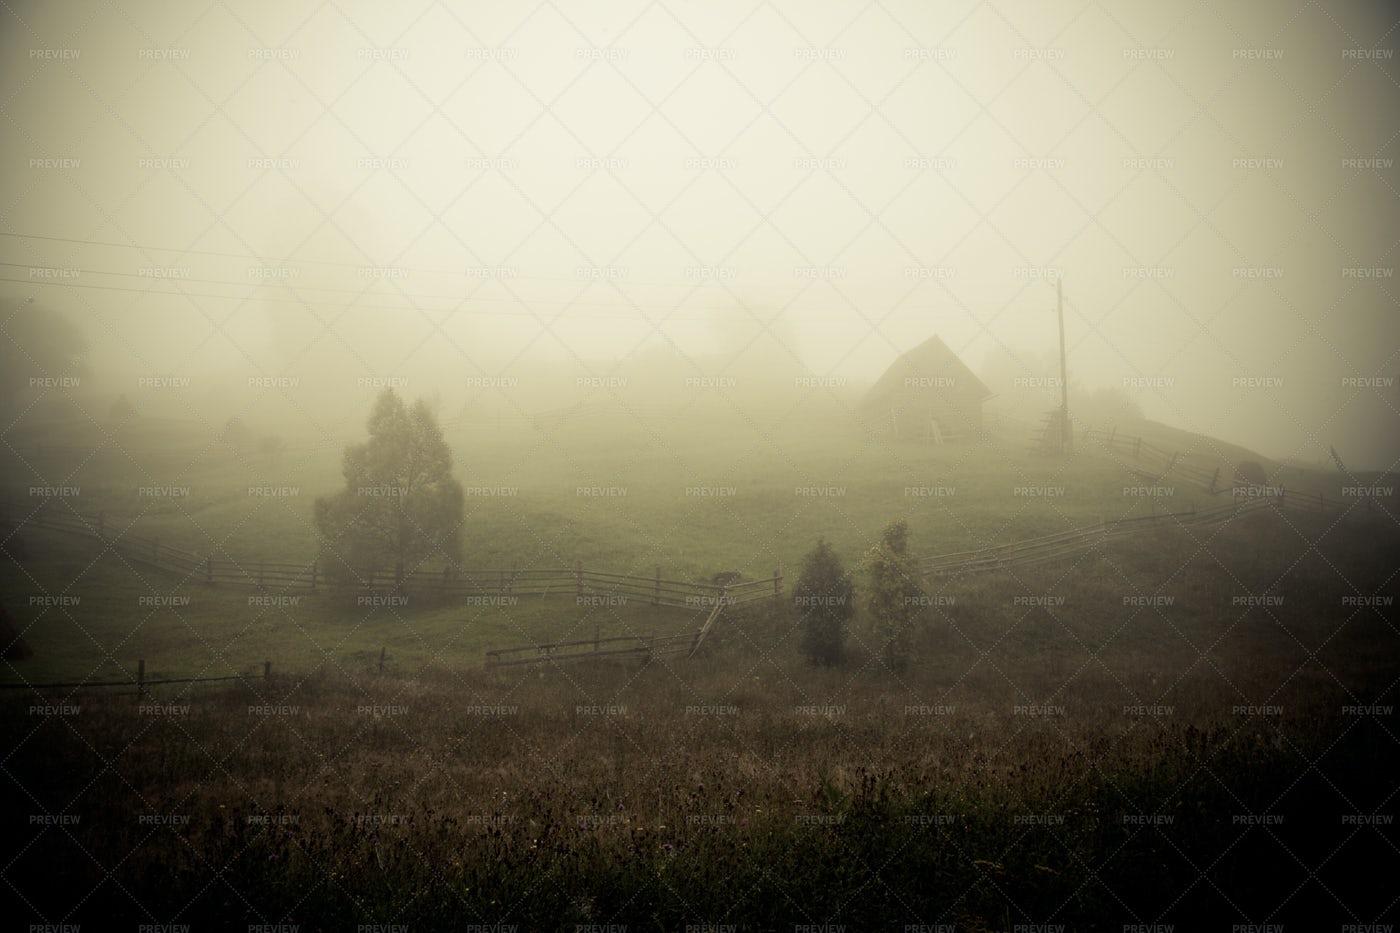 Hazy Fog Over Carpathian Village: Stock Photos